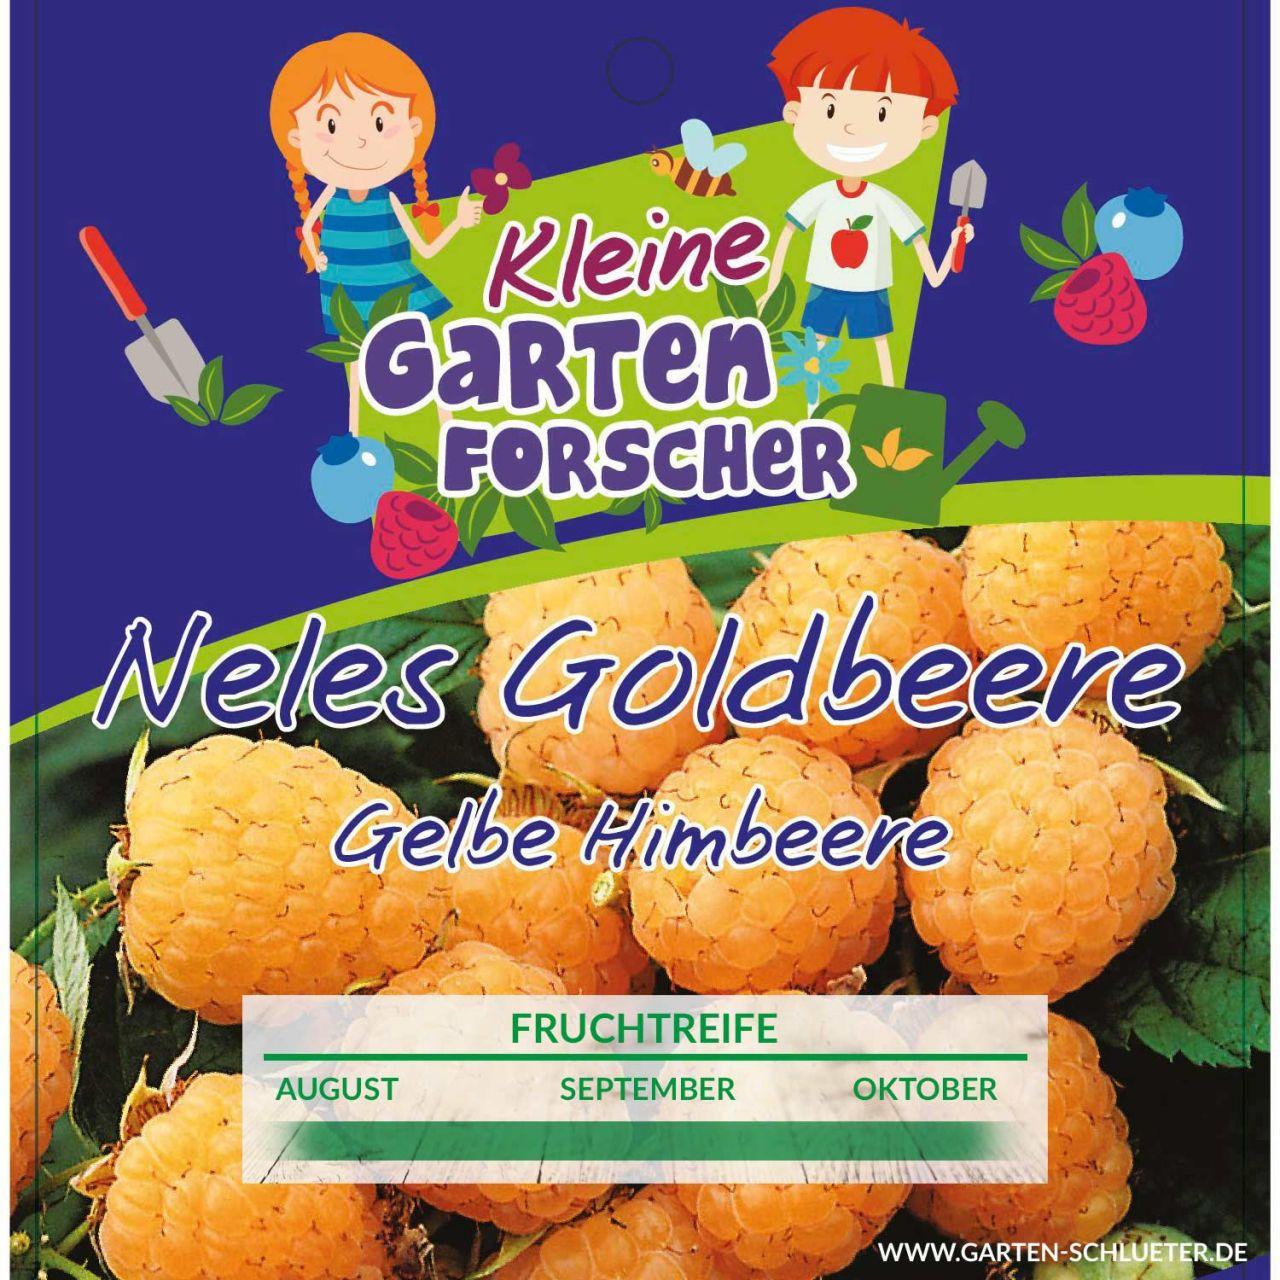 Gelbe Himbeere 'Nele´s Goldbeere' Kleine Gartenforscher